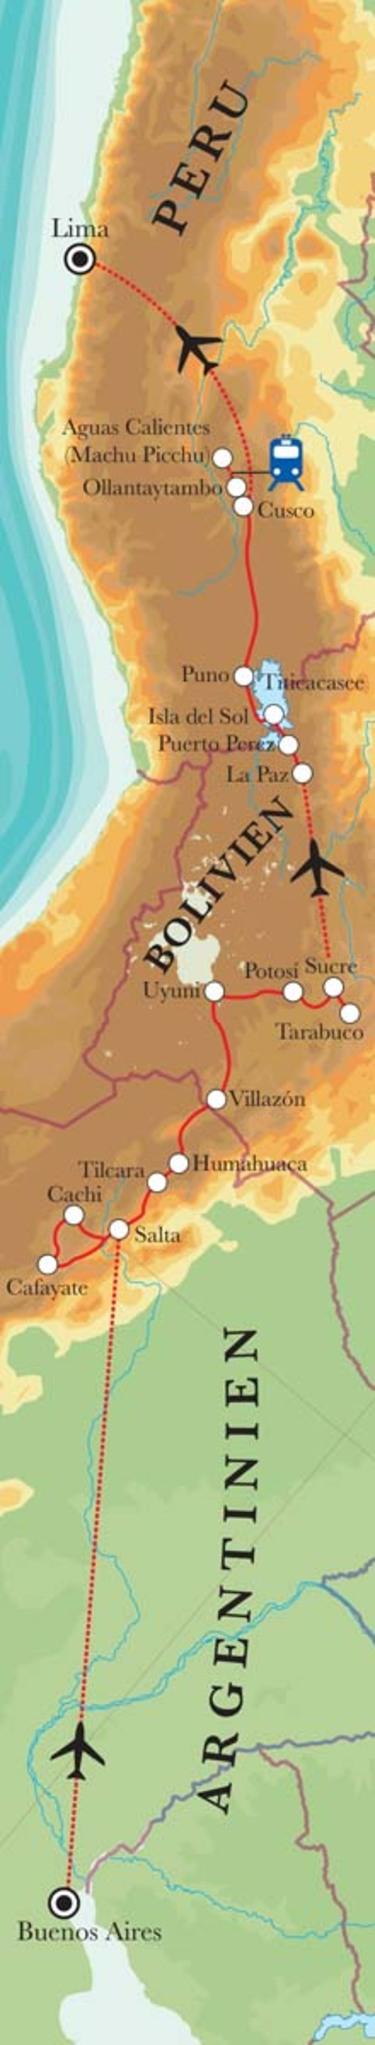 Route Rundreise Von Buenos Aires nach Lima, 27 Tage